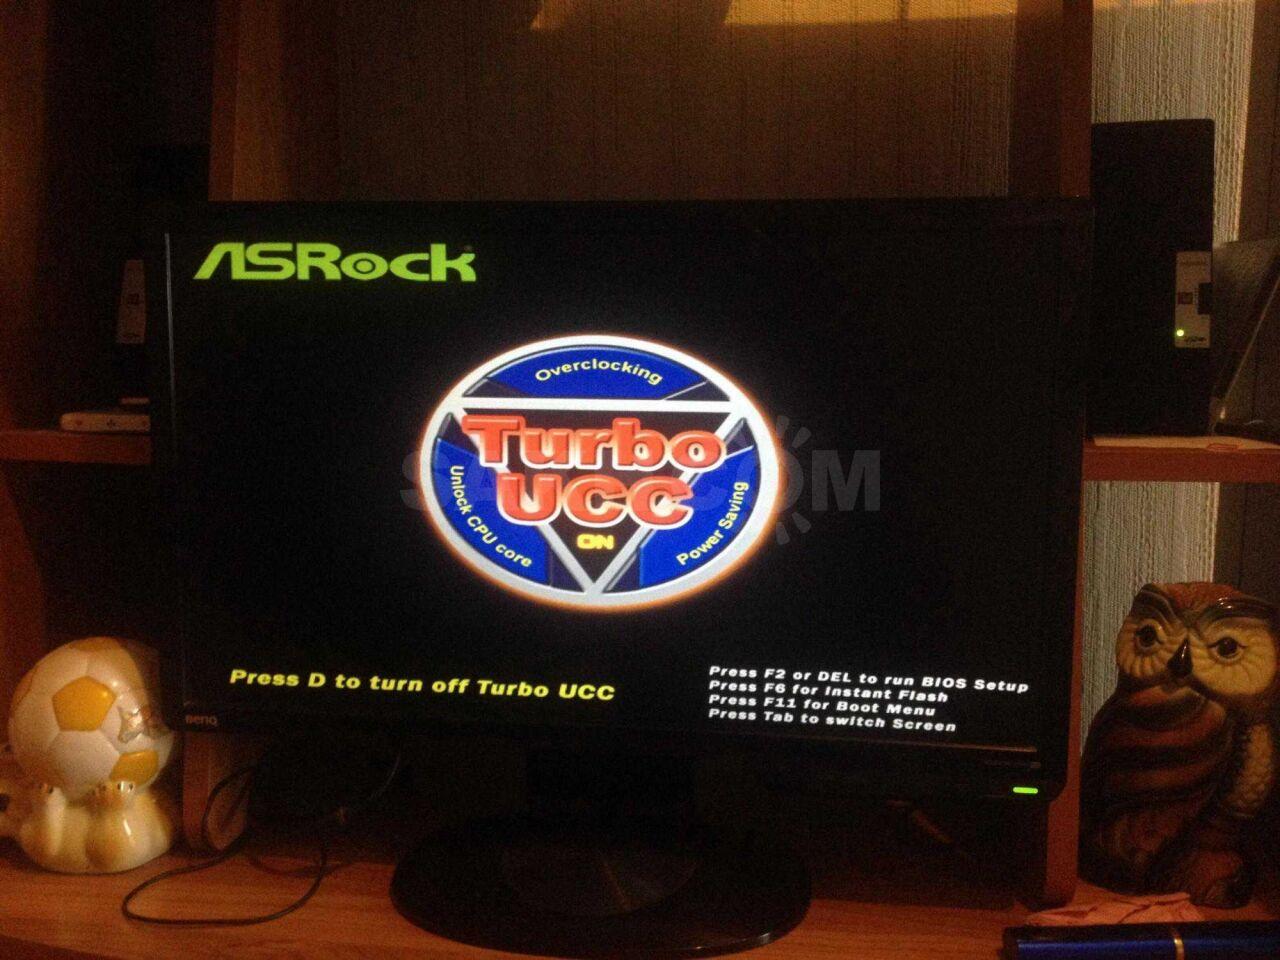 Gta 5 Turbo Unlock